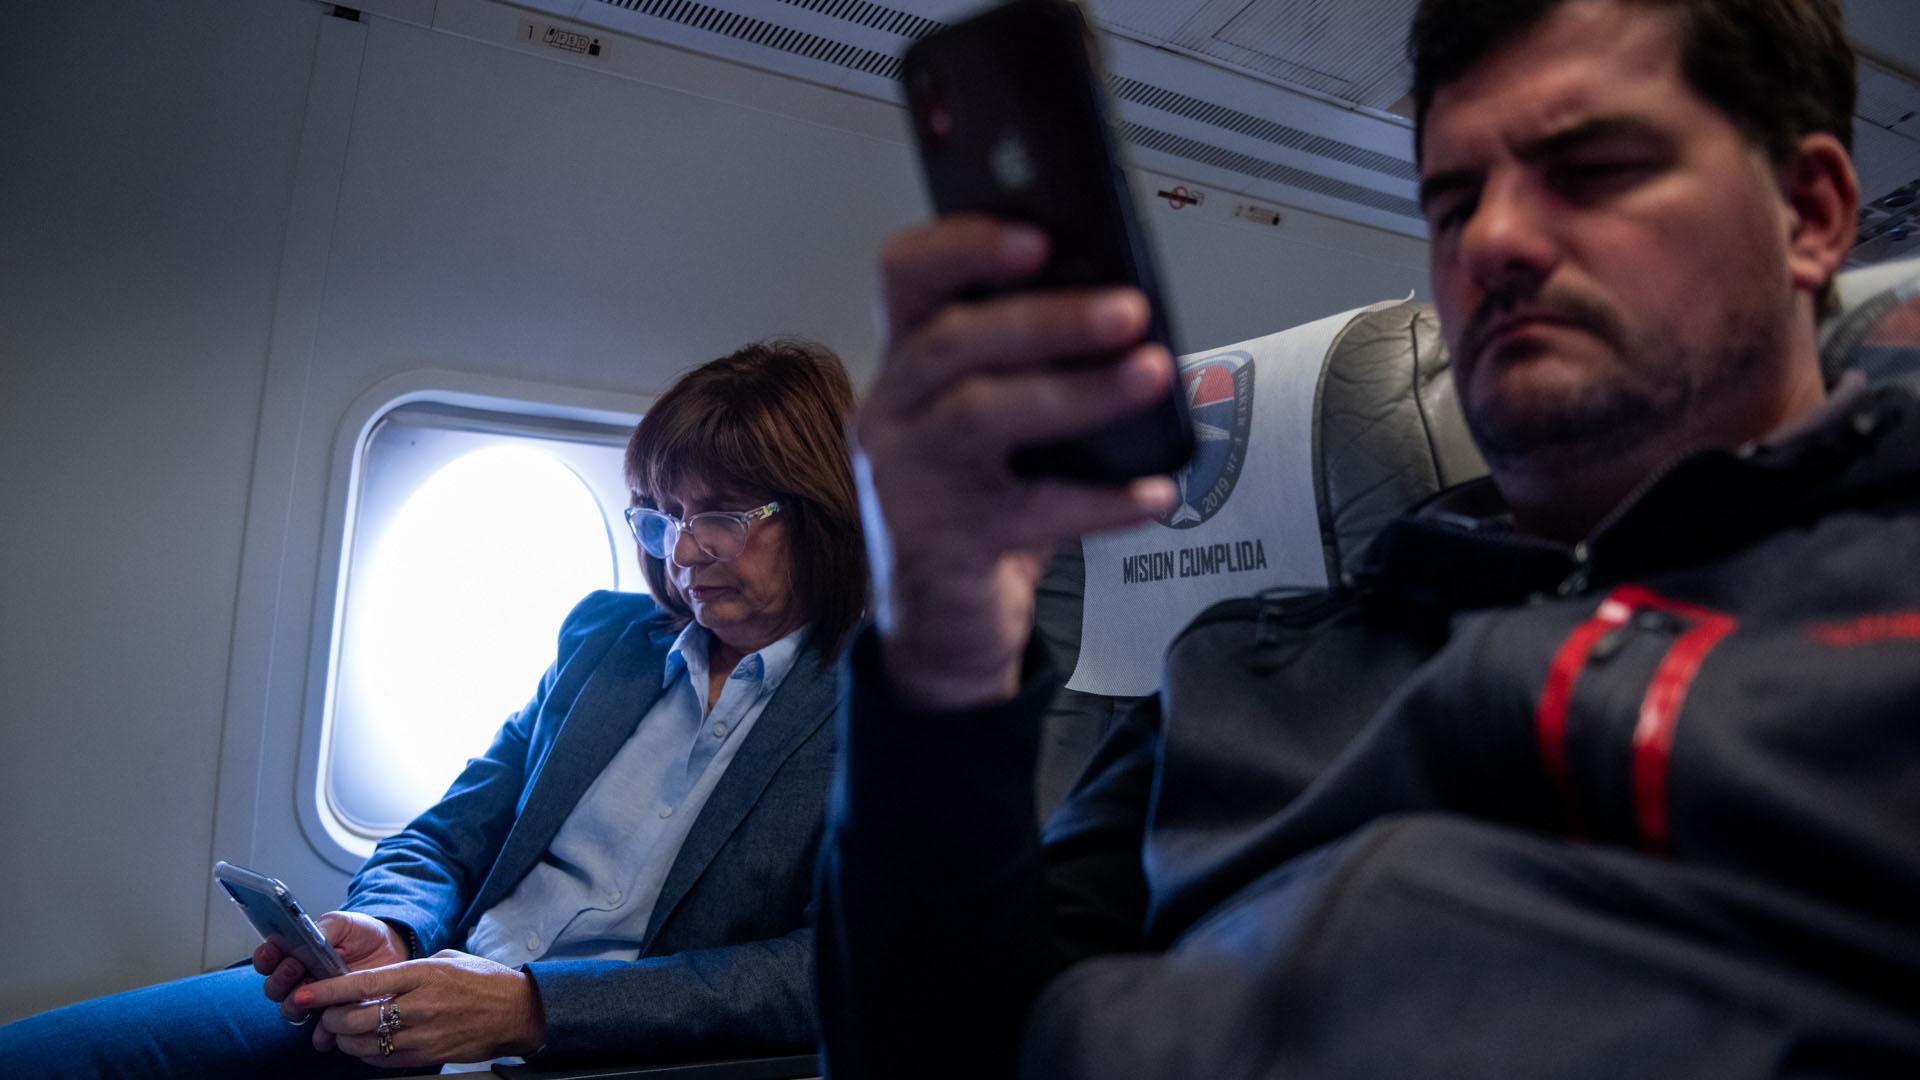 Bullrich y Burzaco en el viaje de ida, vuelo de fuerza aérea.